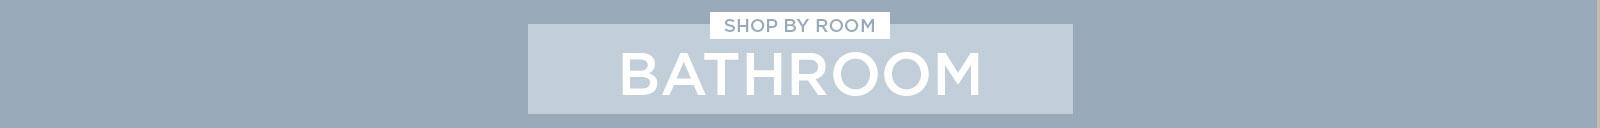 Shop By Room - Bathroom